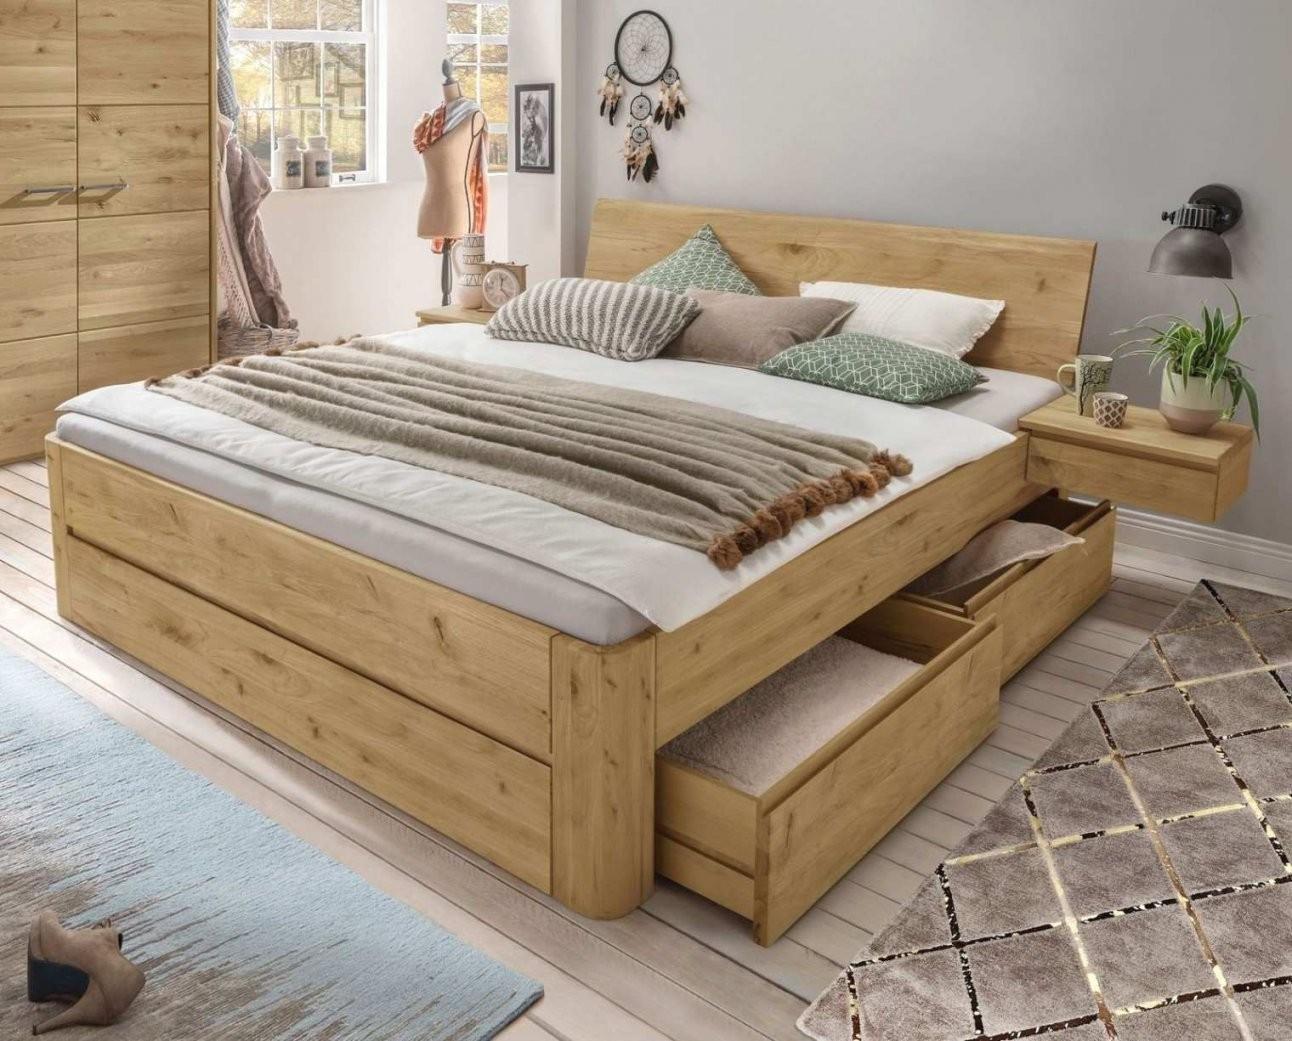 Schlafzimmer Bett Gebraucht  Cool Bett 200X200 Gebraucht Schon von Bett 200X200 Gebraucht Photo